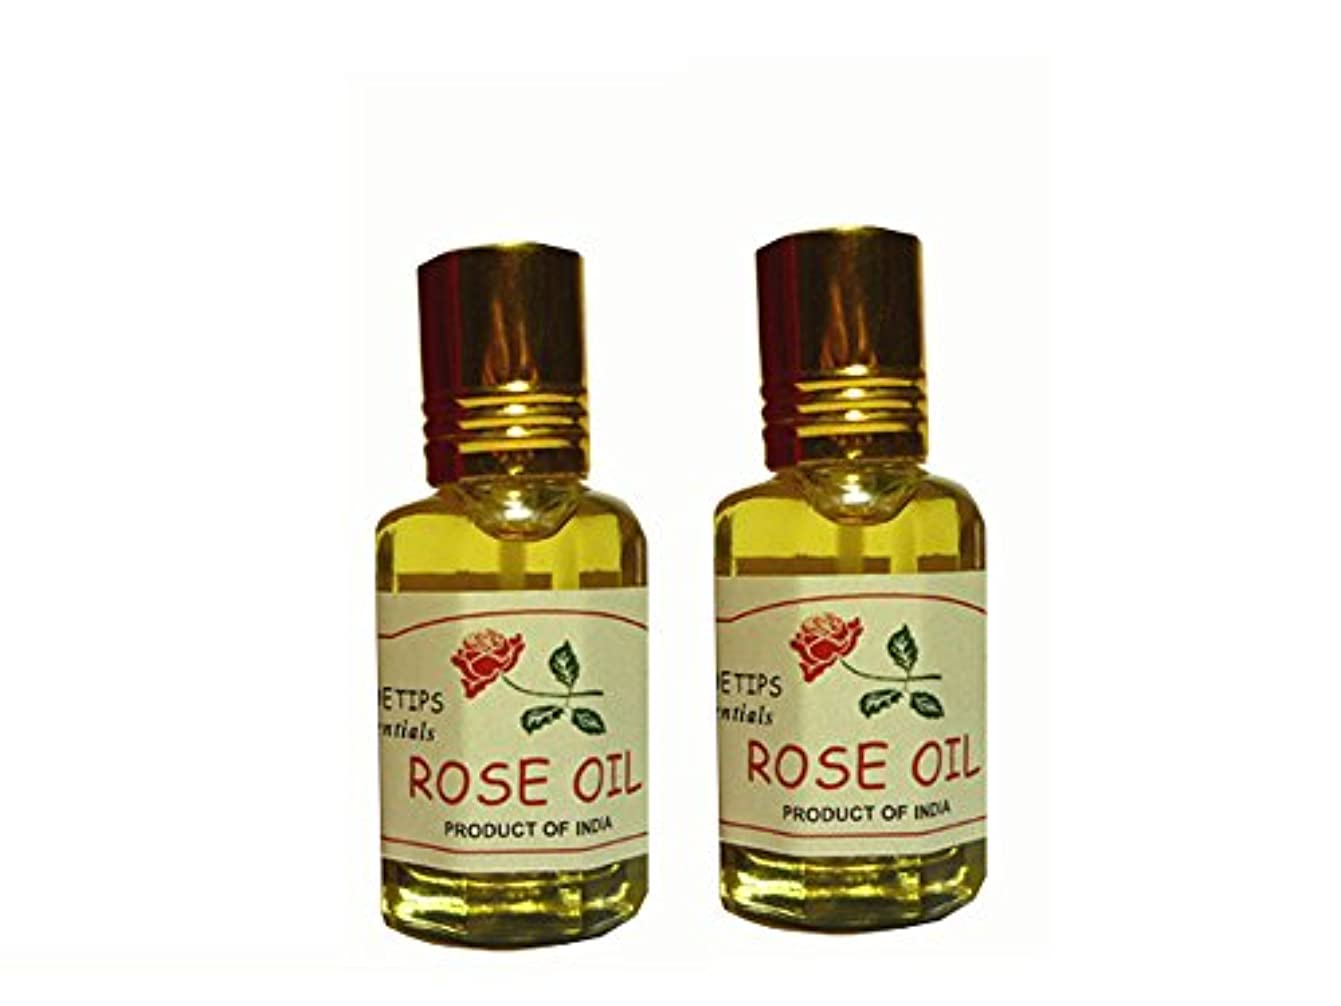 パンダガソリン圧縮ペコー ティップス ダマスクローズ オイル オット 100%精油(インド産 精油) 2本 PEKOE TIPS TEA ROSE ESSENTIAL OIL ROSA DAMASCENA(Damask rose) 12ml...